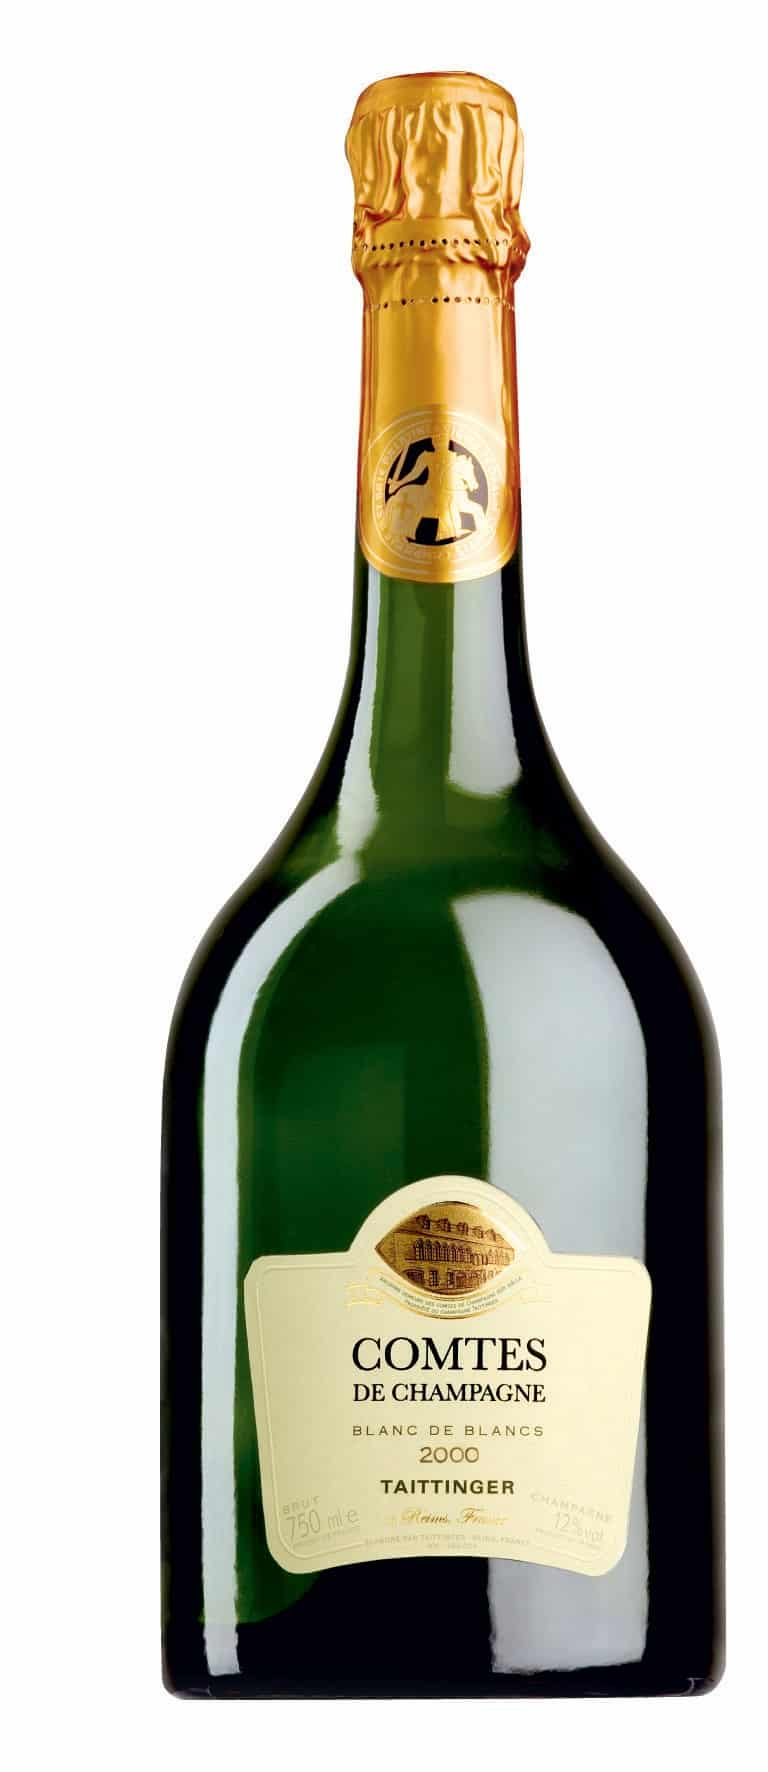 Taittinger Comtes de Champagne 2000